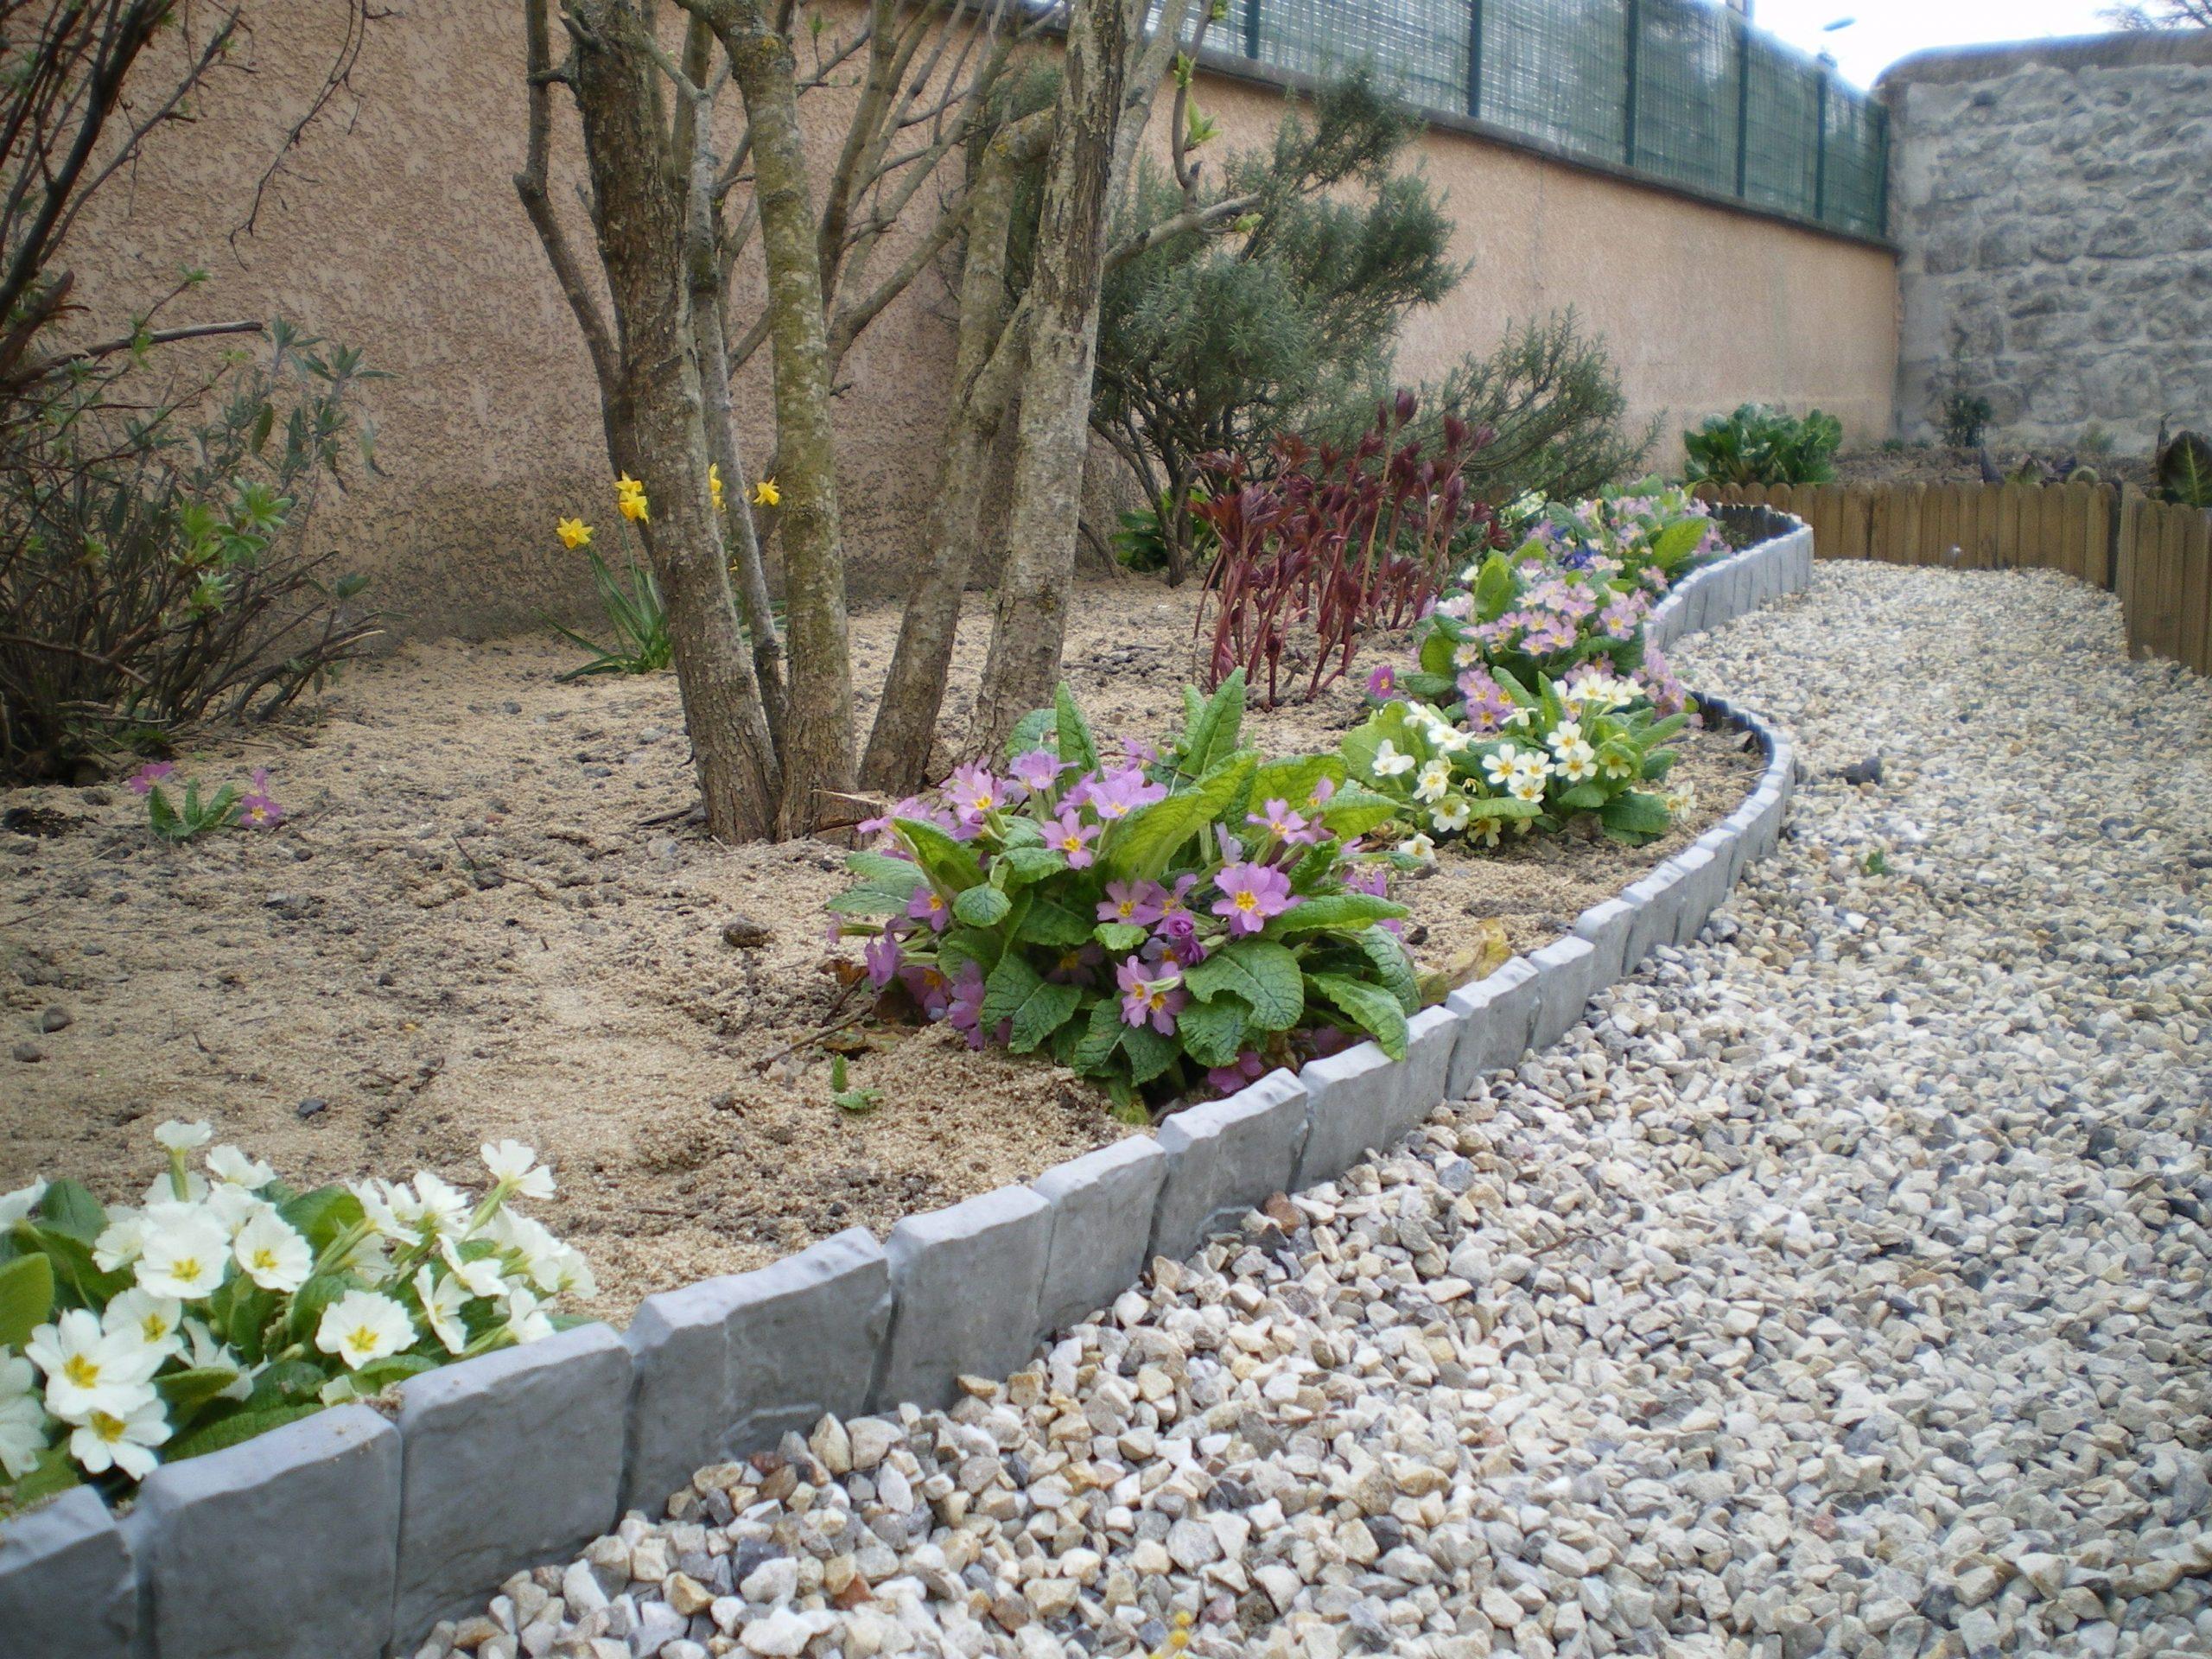 Délimitez Vos Allées De #jardin Avec De Belles Bordurettes ... concernant Bordure Jardin Imitation Pierre